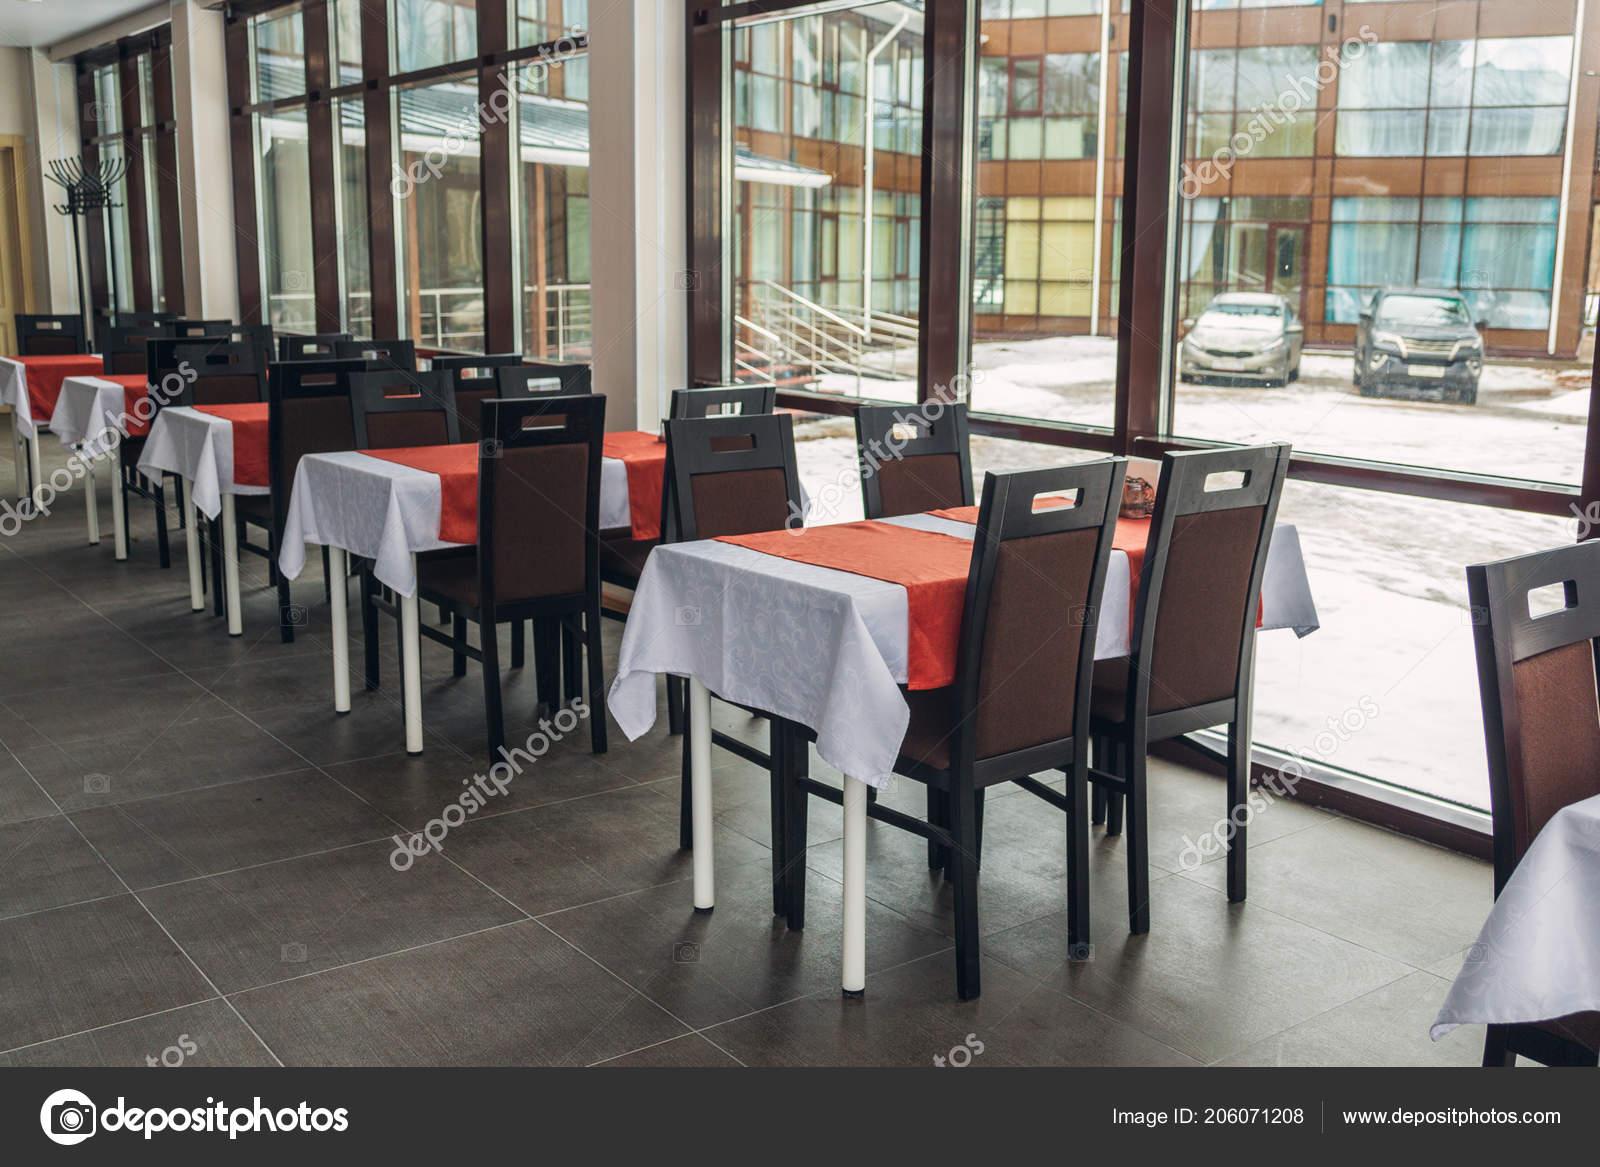 Exceptionnel Salle Manger Tables Chaises Dans Restaurant Grandes Fenêtres Intérieur  Lumière U2014 Photo